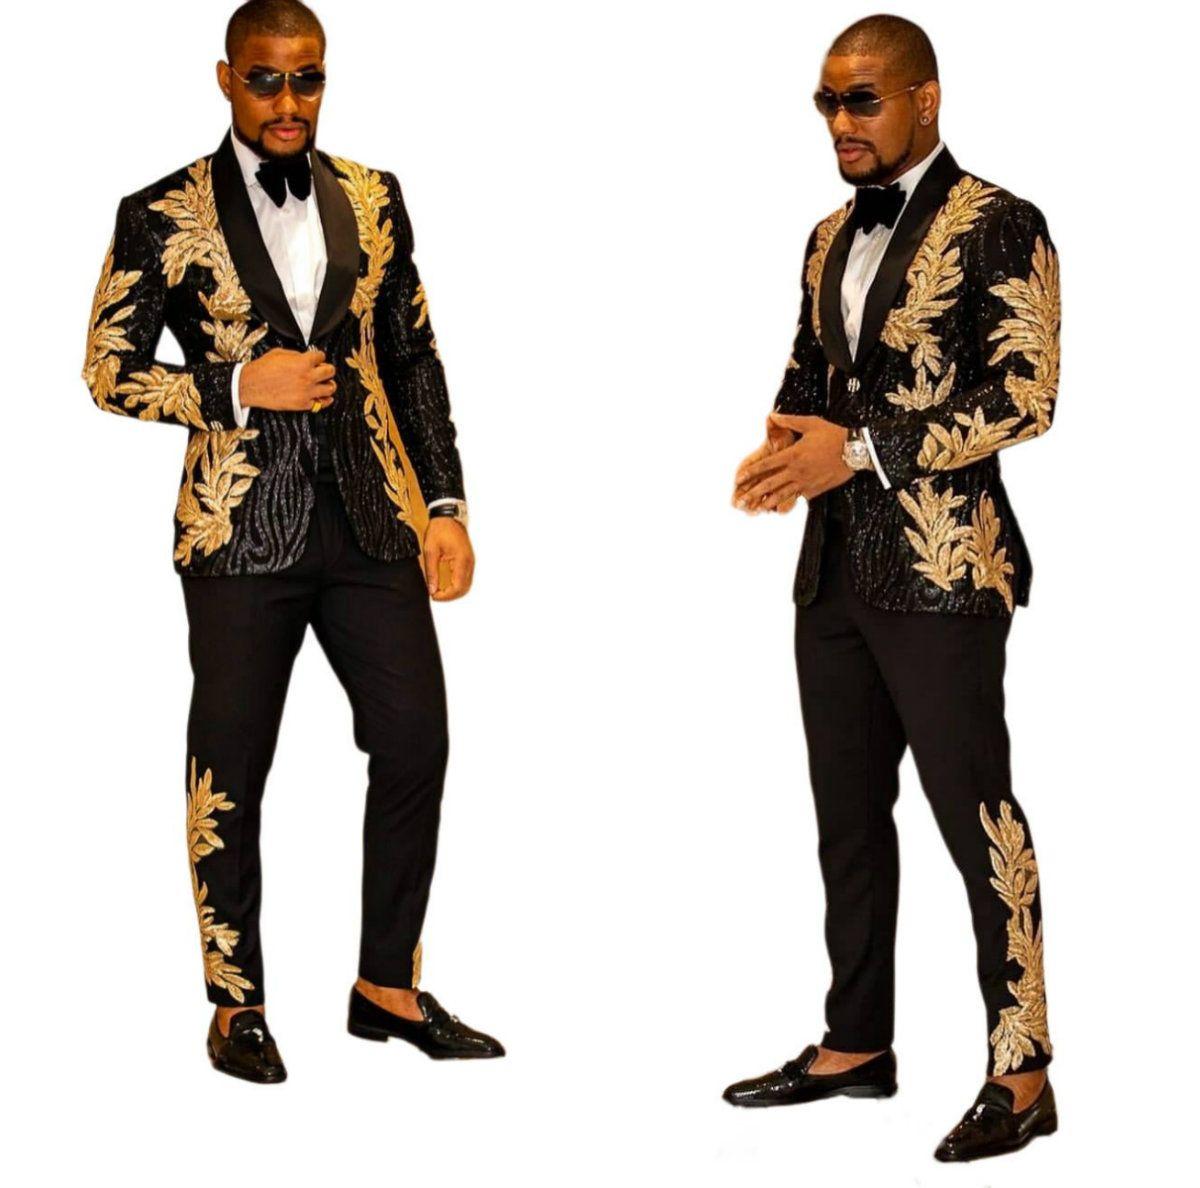 أزياء تناسب الرجال السود مع تطريز الذهب مطرز قطعتين شال طية صدر السترة الزفاف مصمم البدلات الرسمية الرجال سترة وسروال